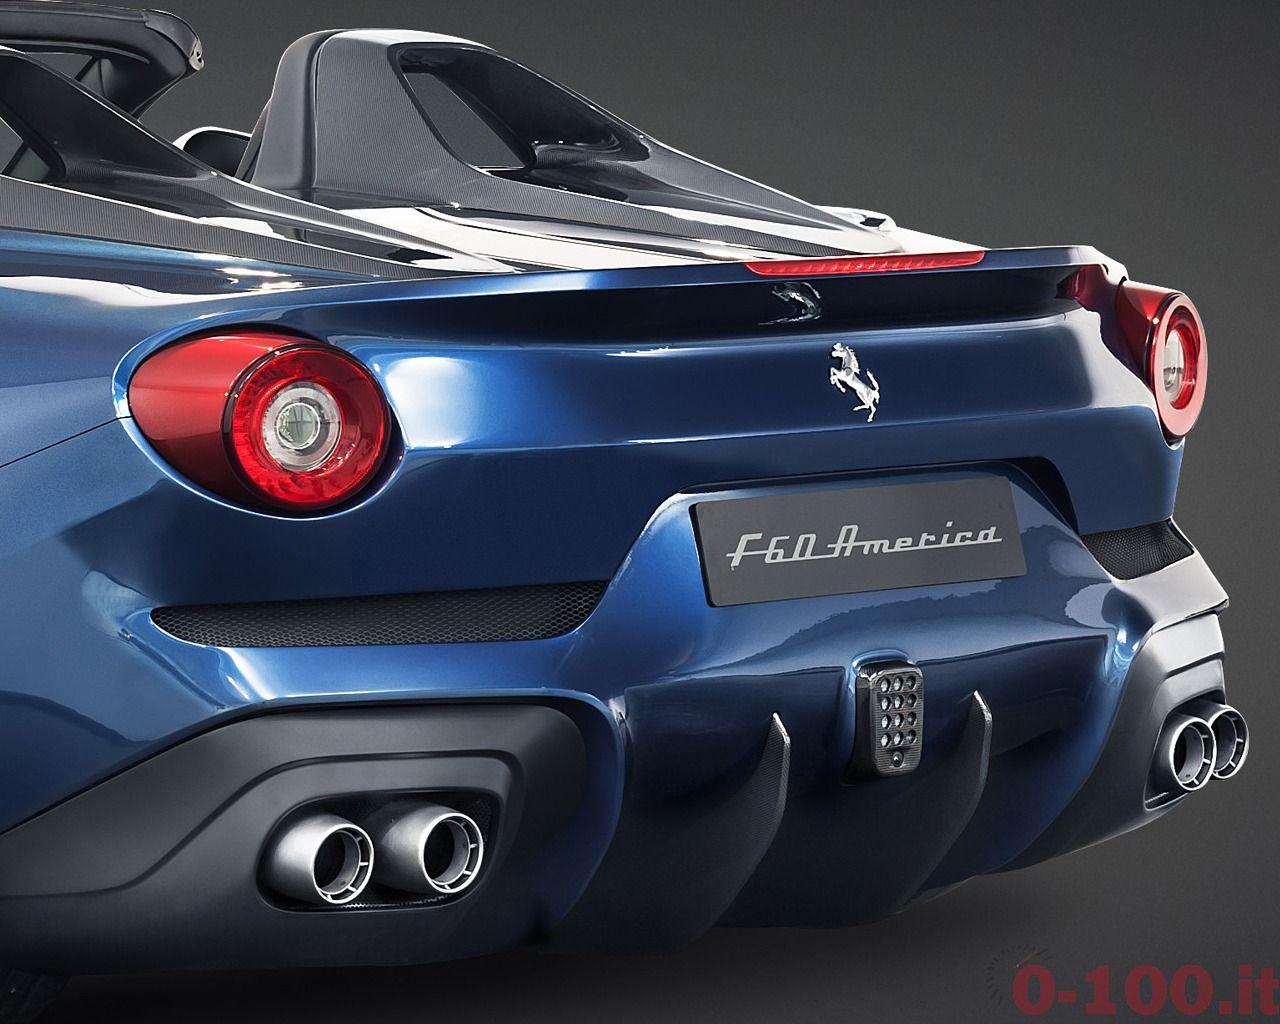 ferrari-f60America_F12berlinetta_prezzo-price-0-100_5